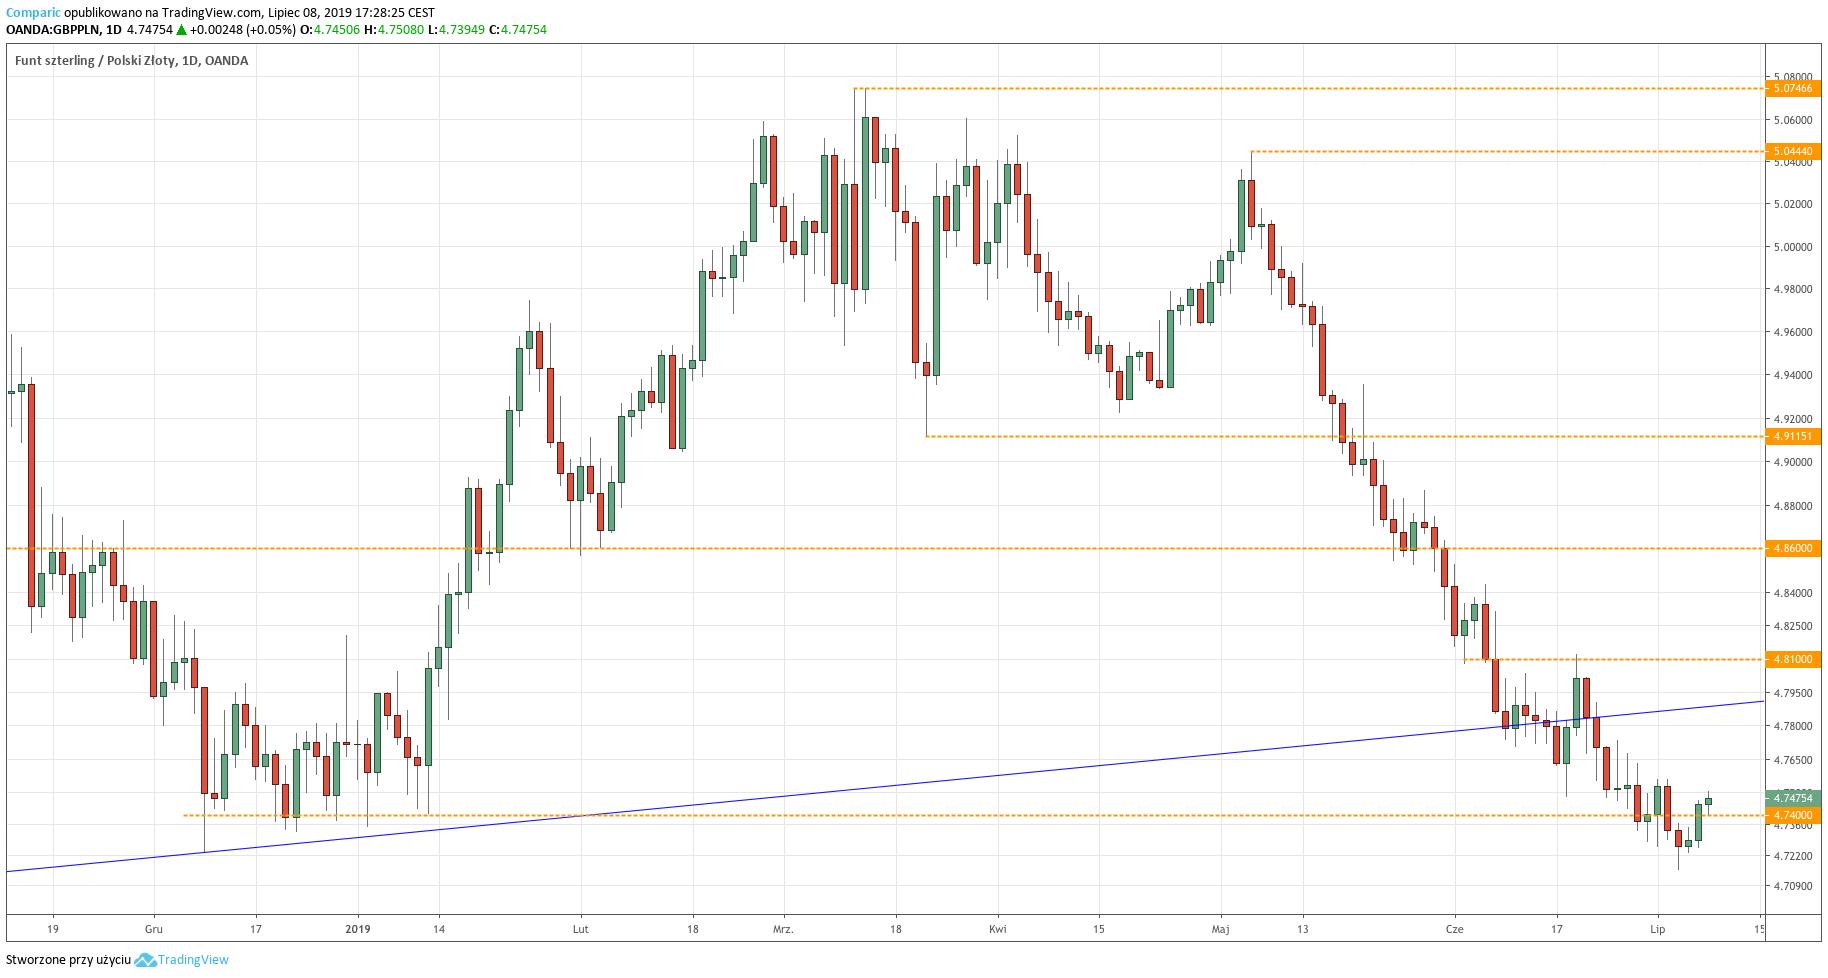 Kurs funta do złotego (GBP/PLN) - wykres dzienny - 8 lipca 2019